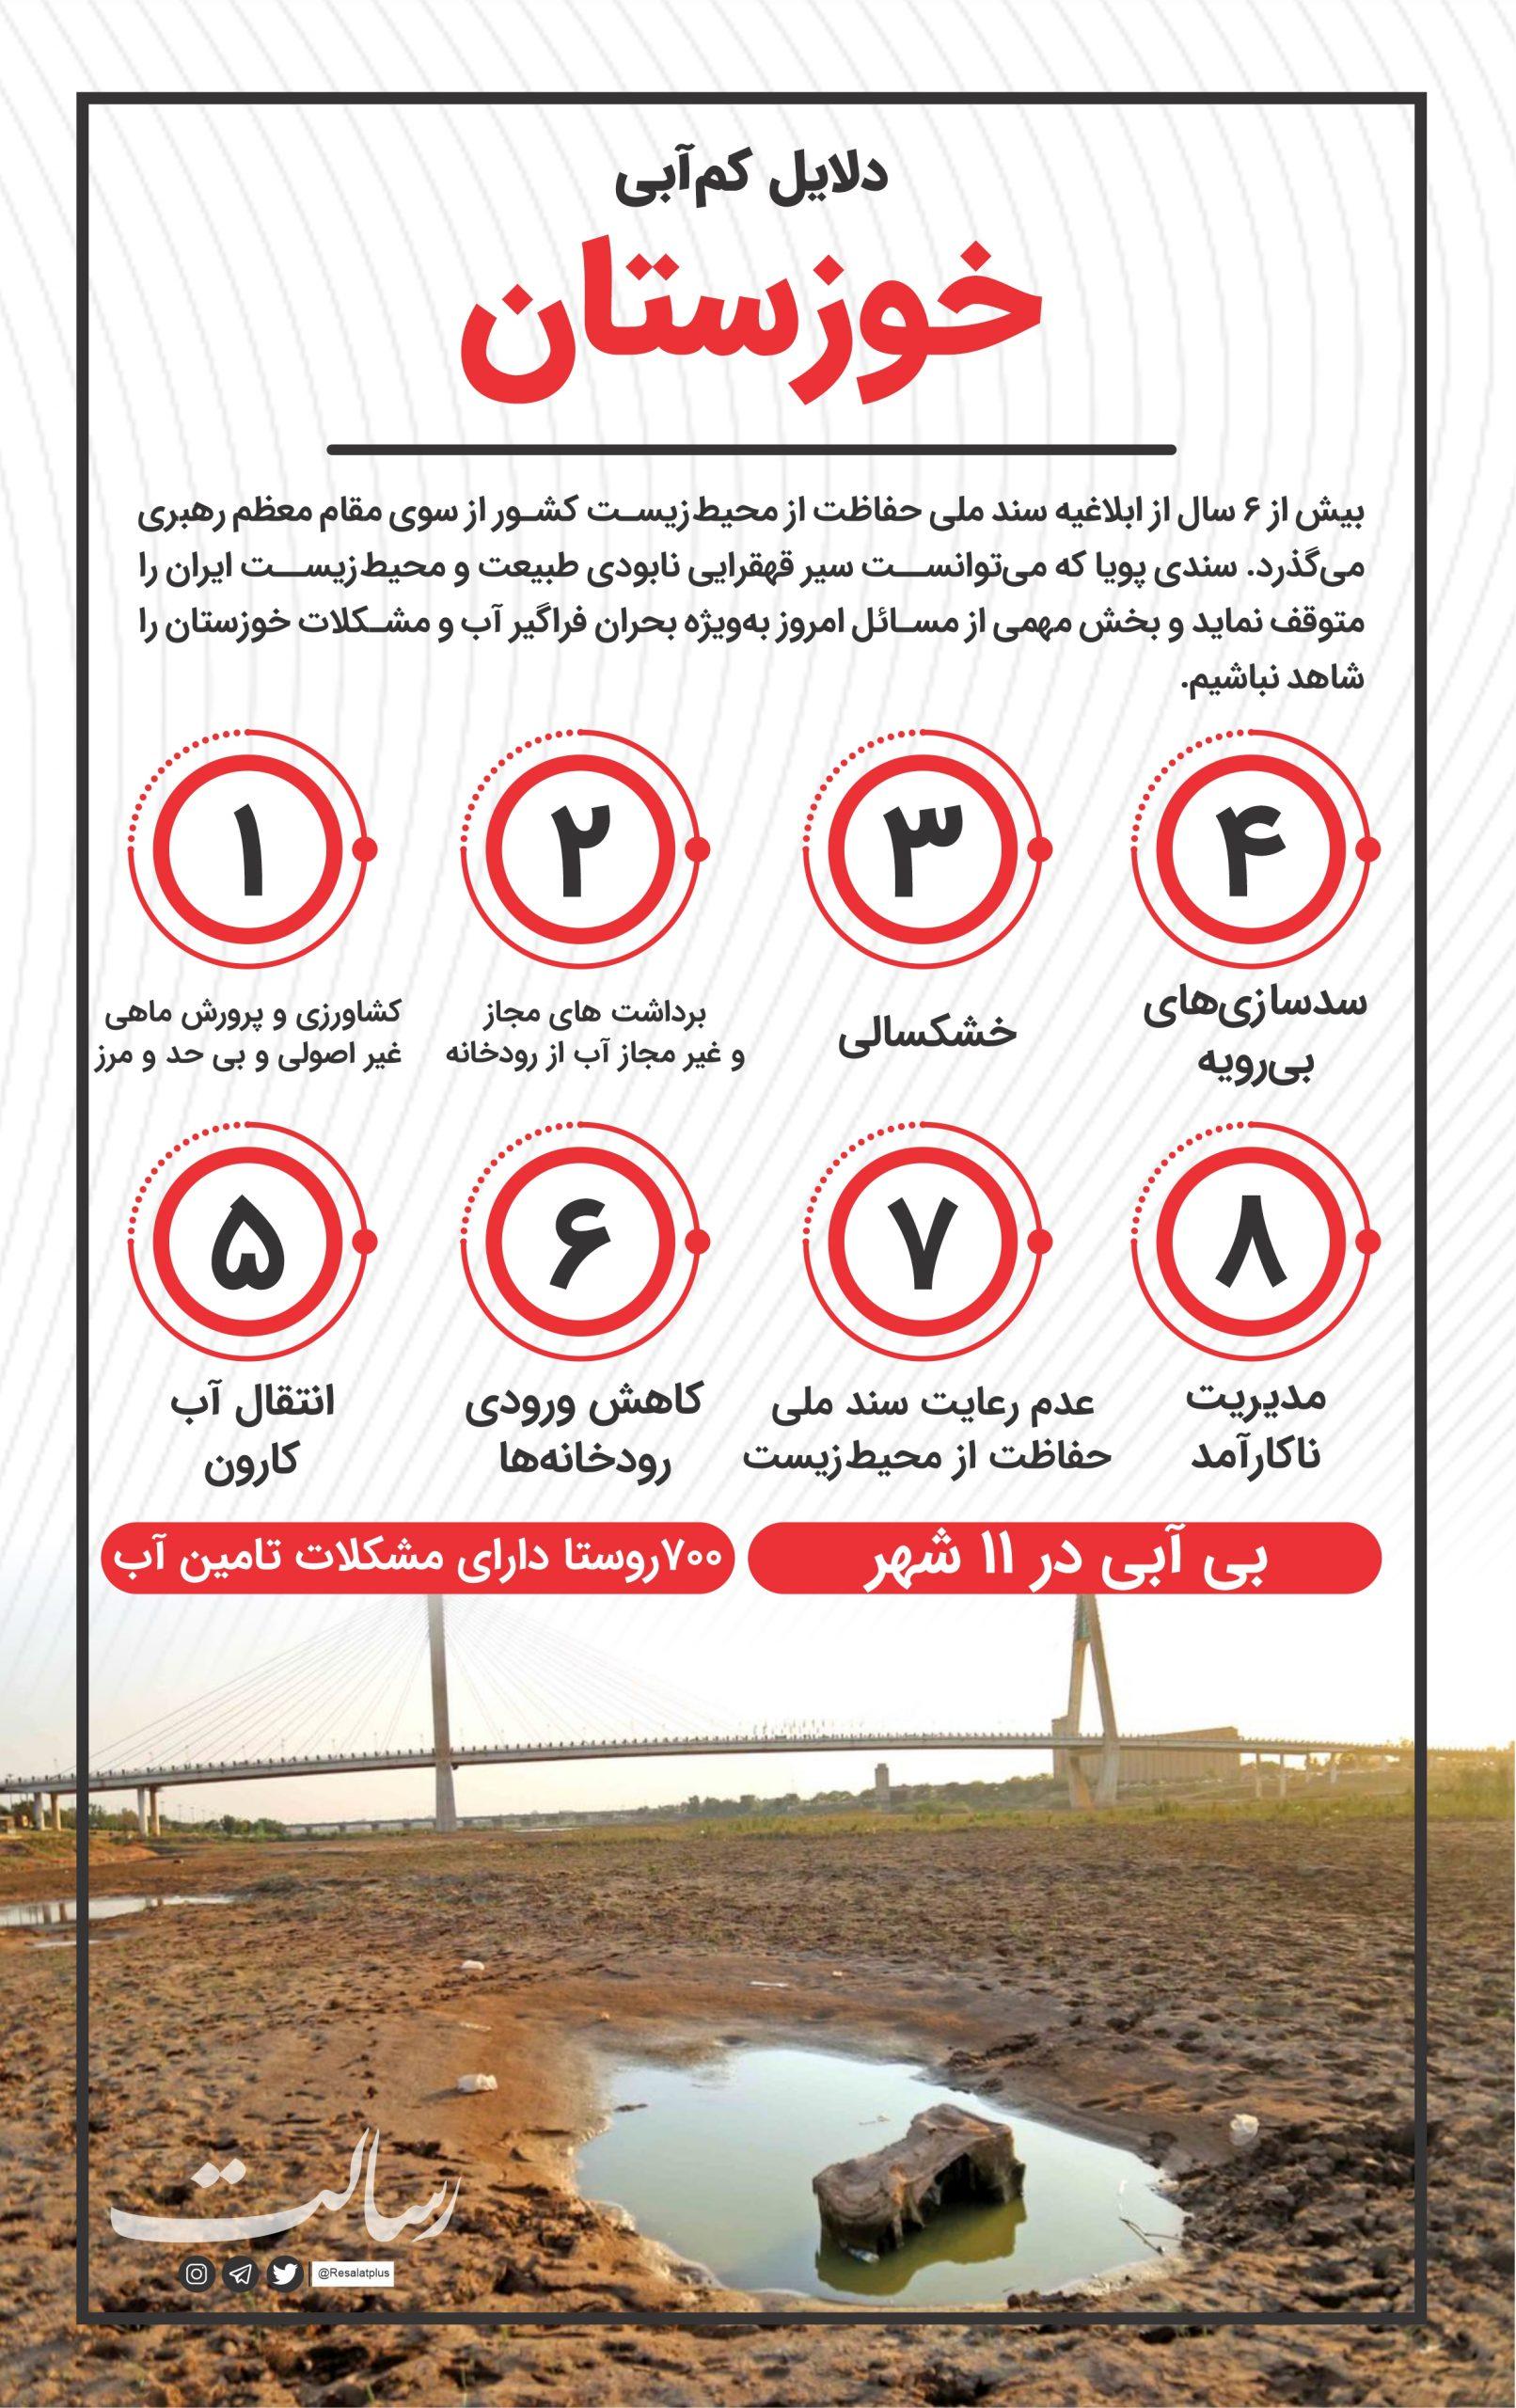 دلایل کم آبی خوزستان+ اینفوگرافی